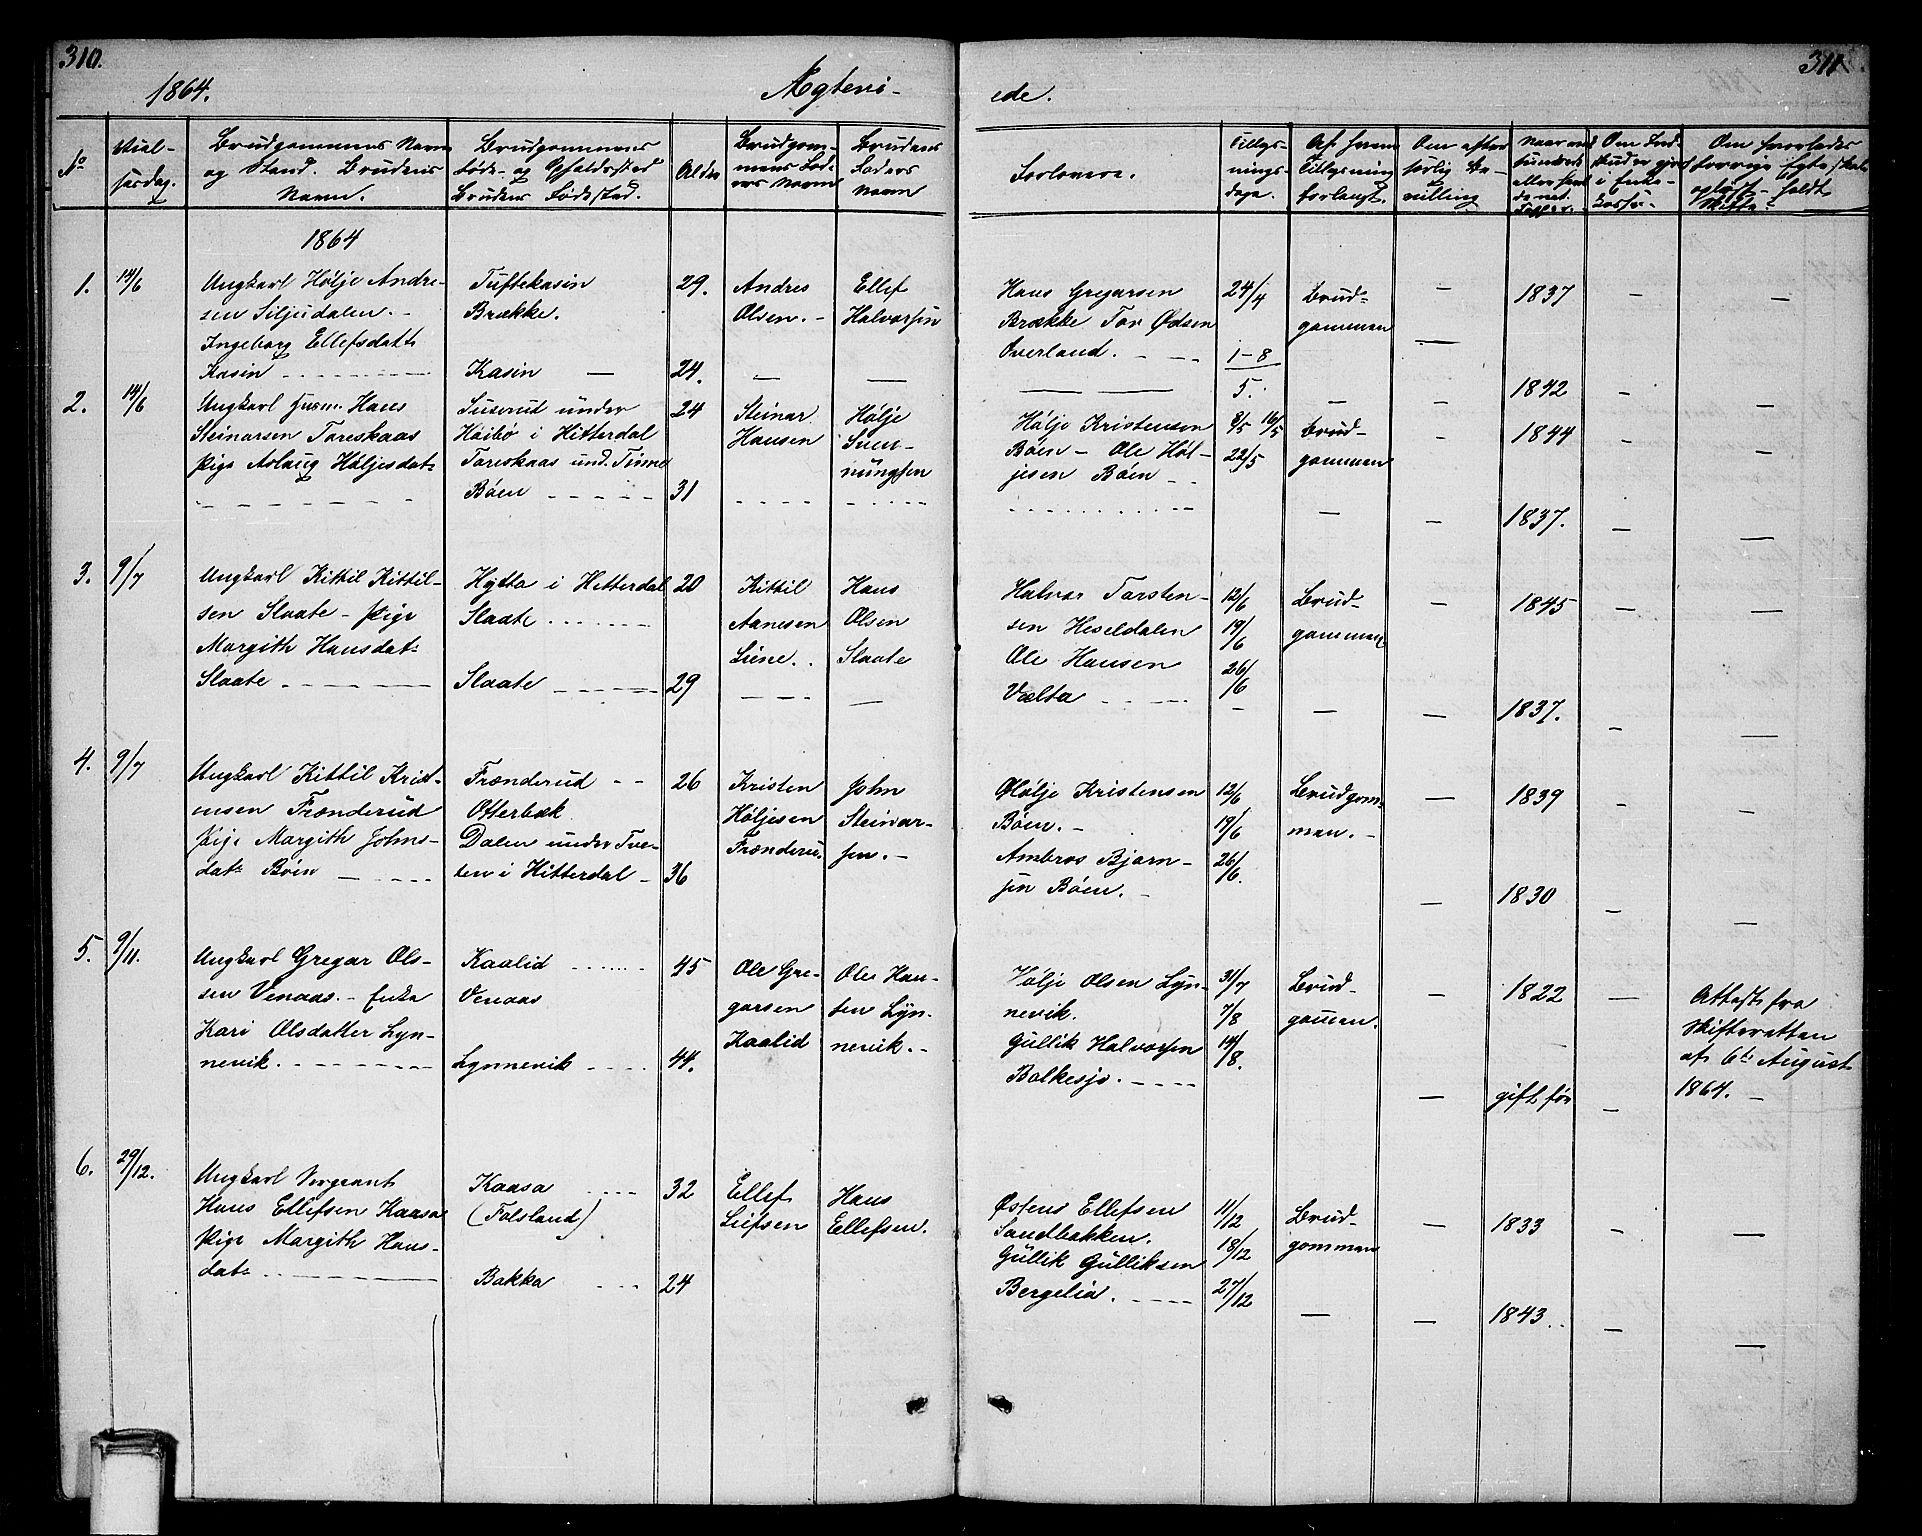 SAKO, Gransherad kirkebøker, G/Ga/L0002: Klokkerbok nr. I 2, 1854-1886, s. 310-311